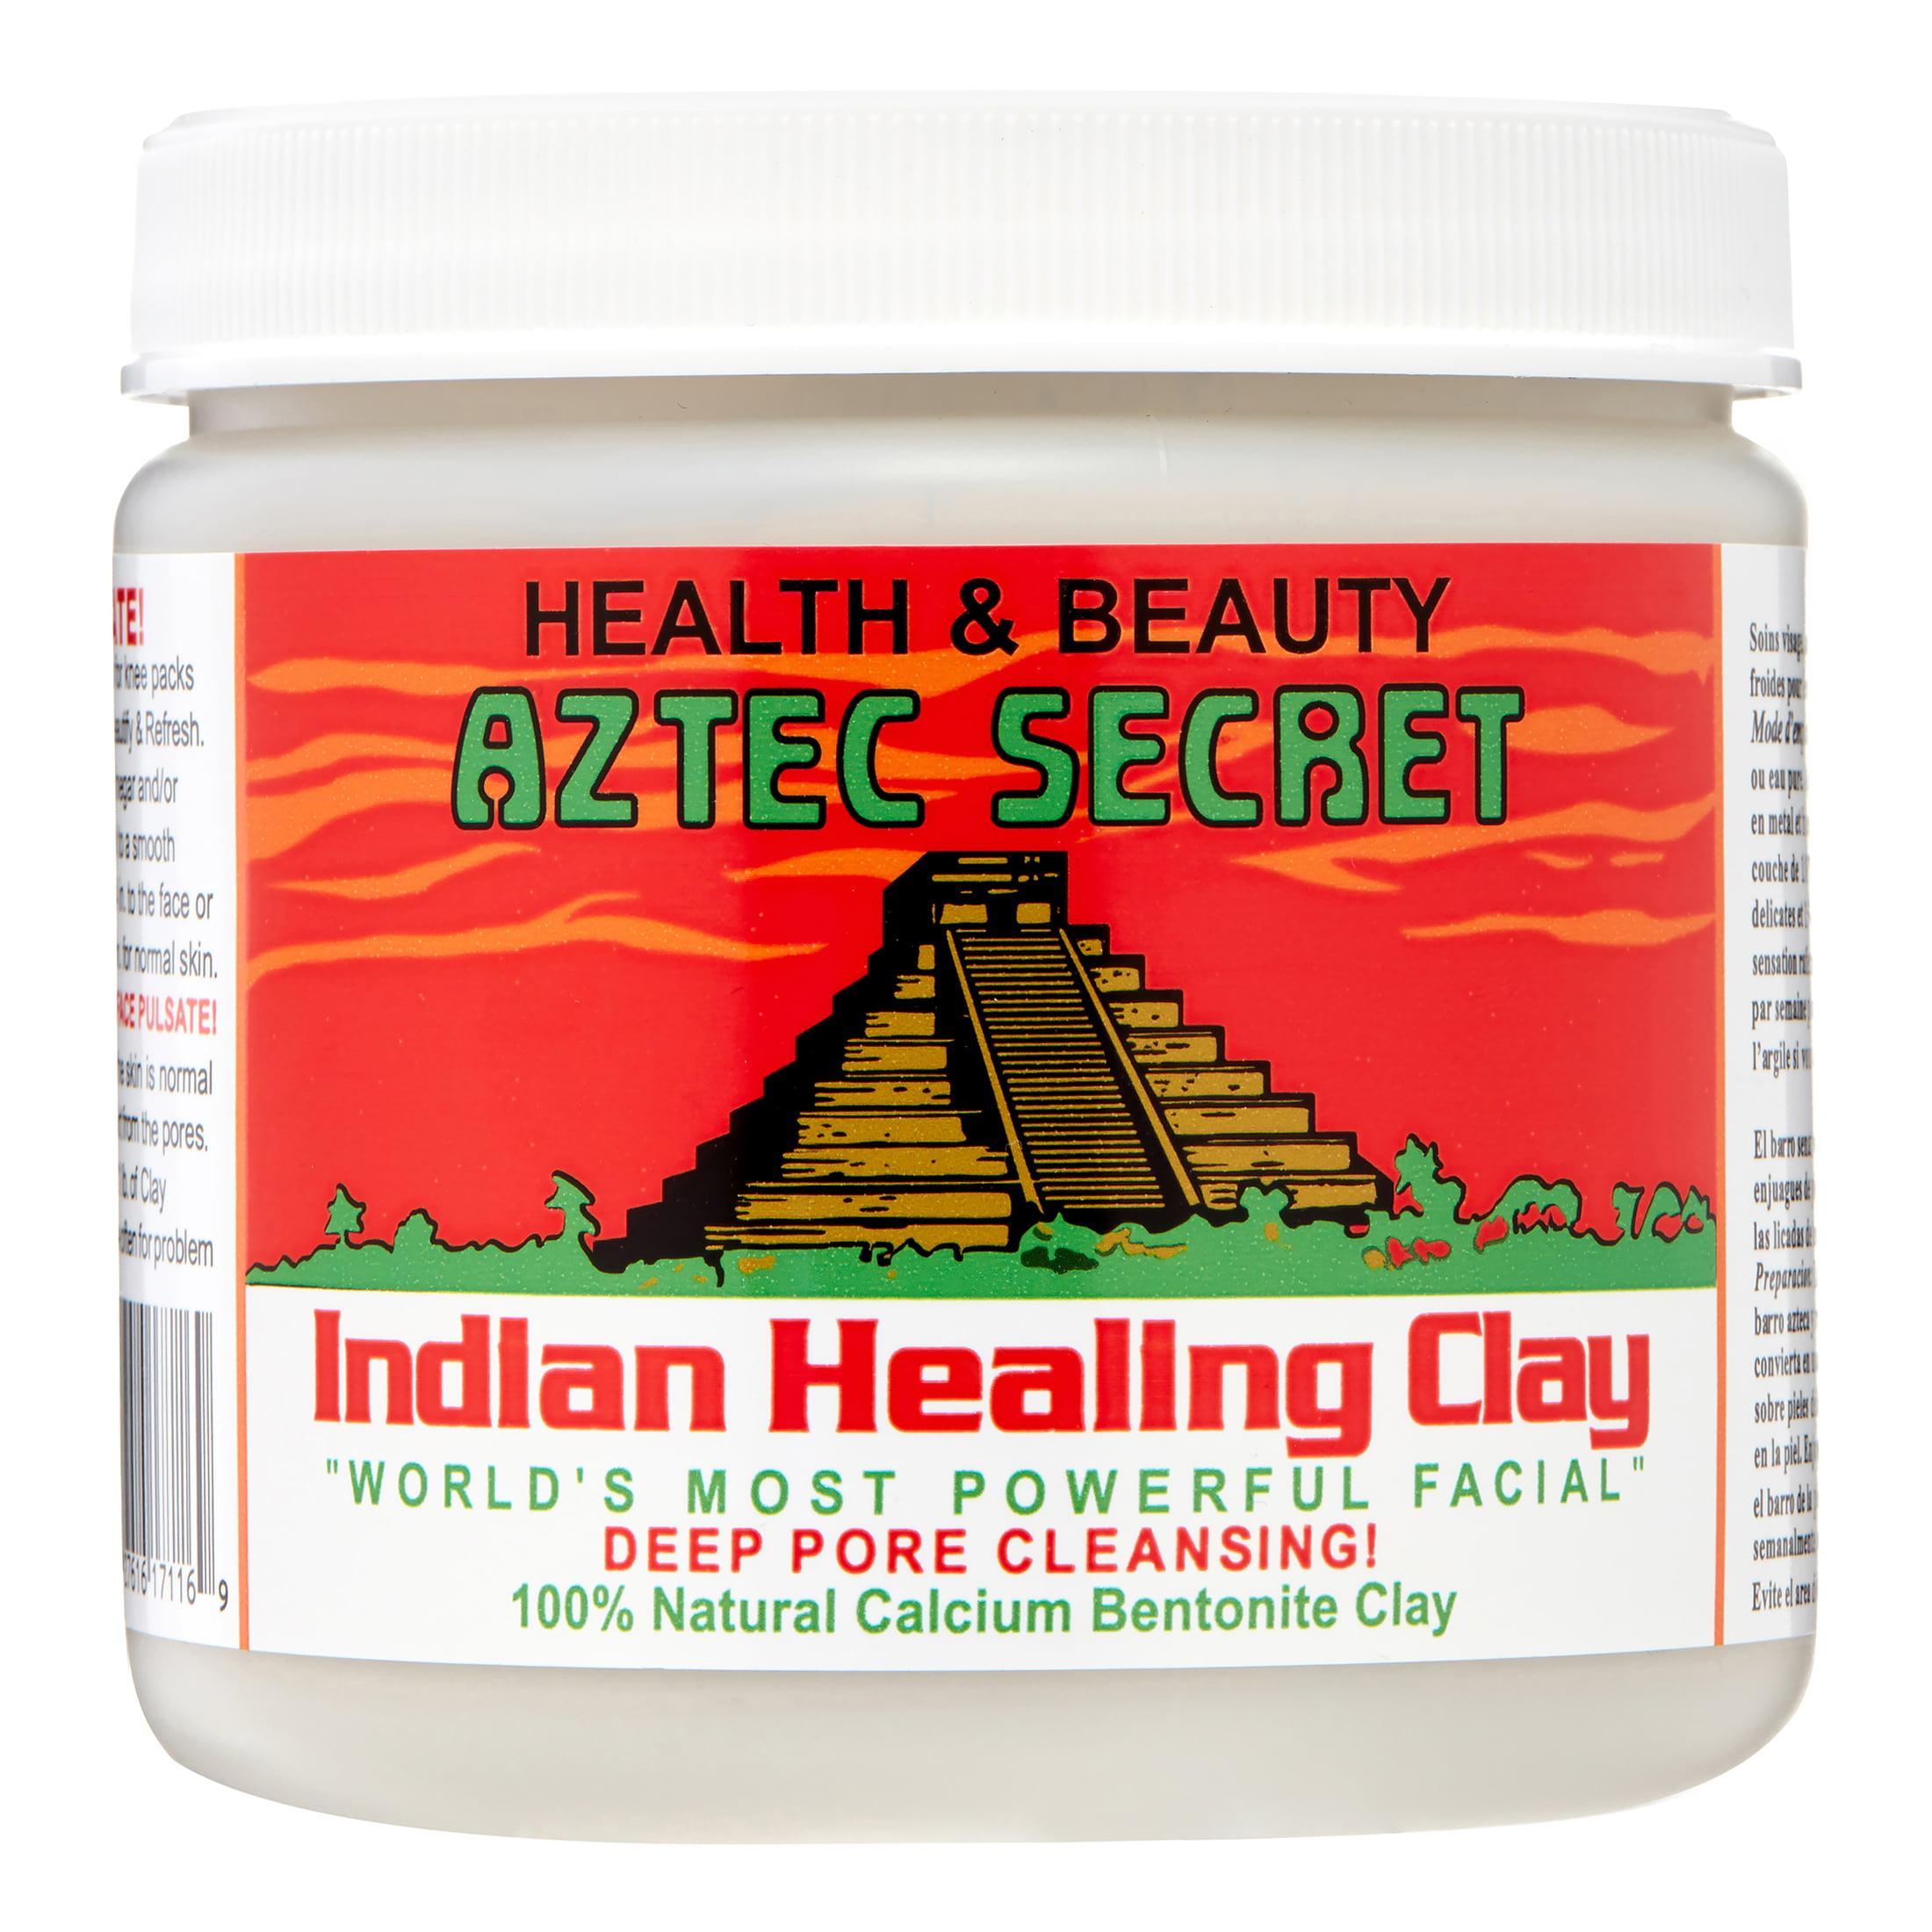 Aztec Secret Aztec Secret Indian Healing Clay Deep Pore Cleansing, 1 Pound